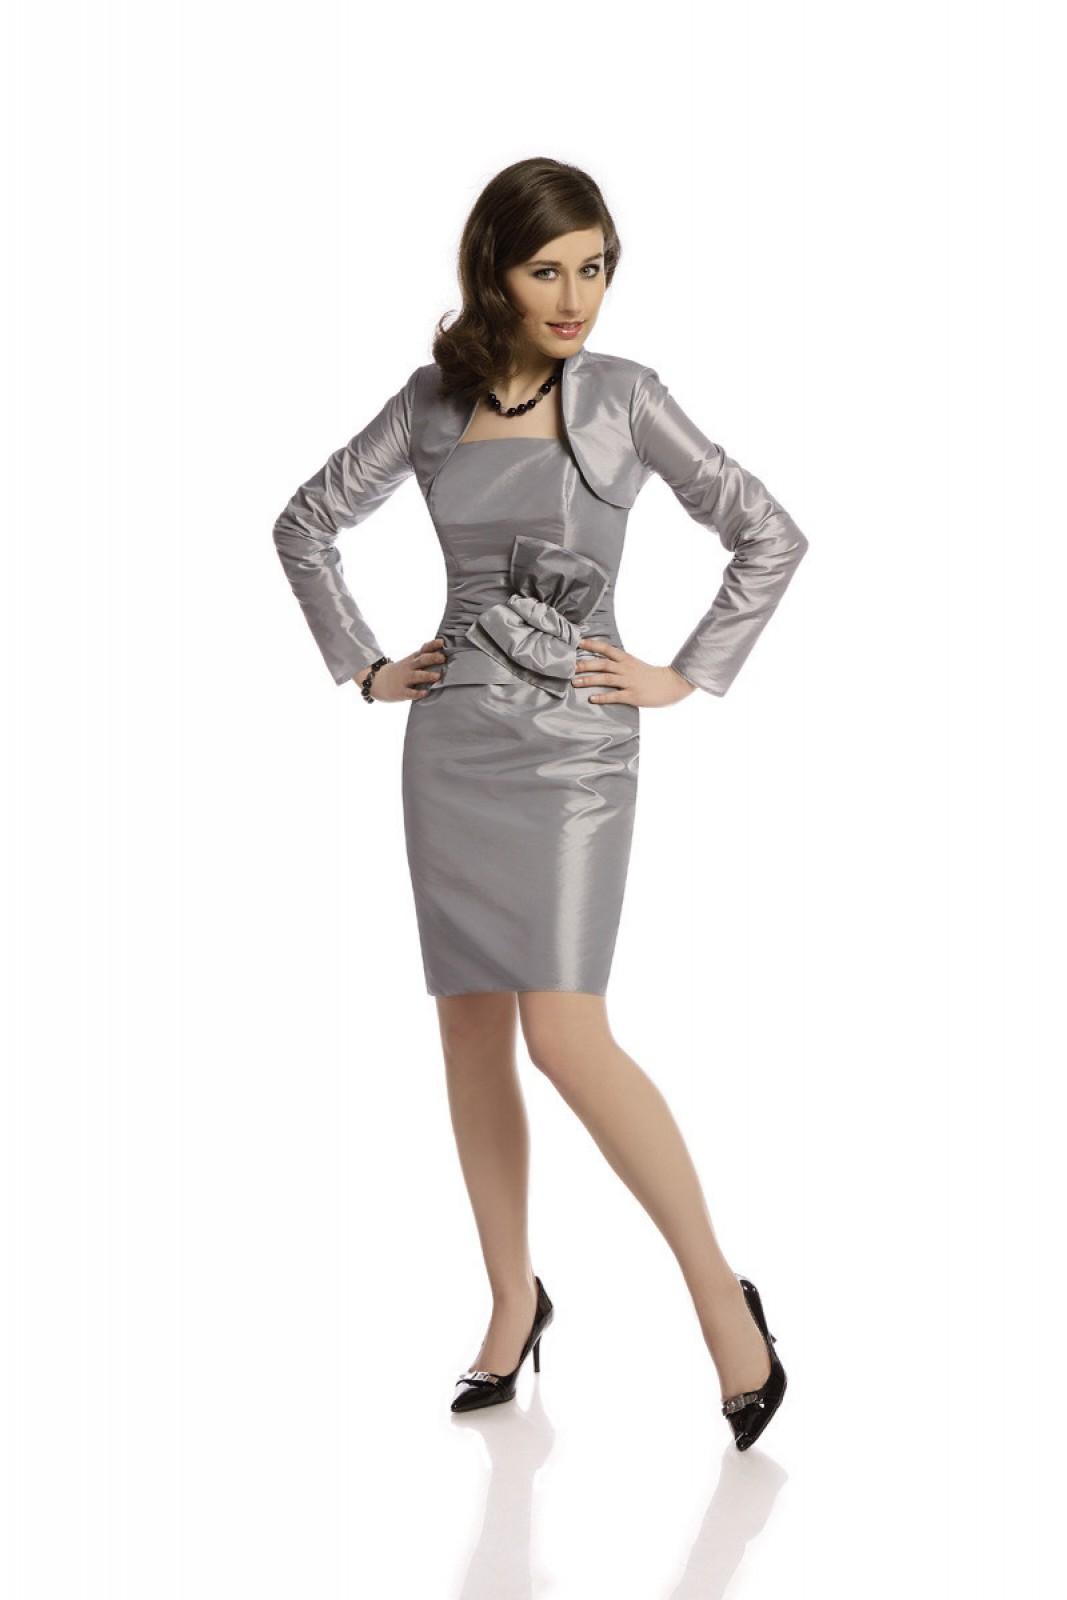 Preiswerte Partykleider in Silbergrau mit Schleife preiswert ...